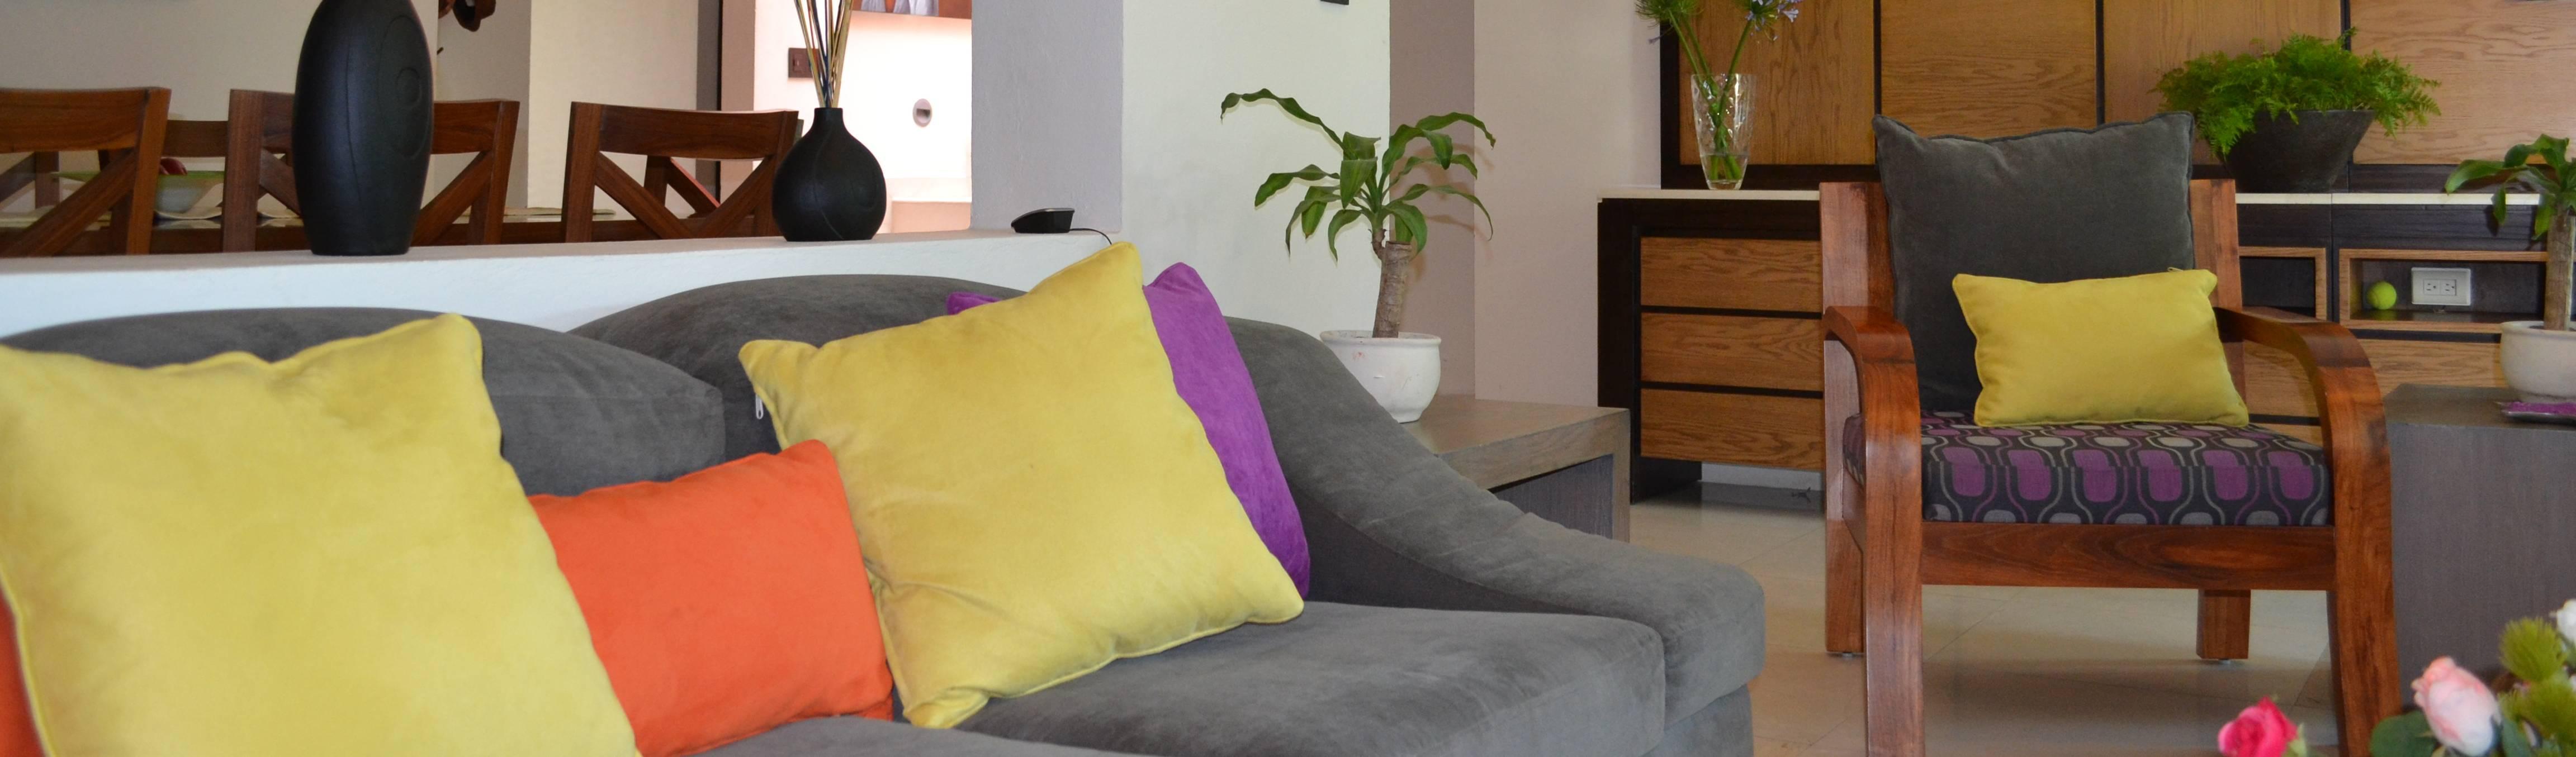 EL DIVÁN Arquitectura & Diseño de Interiores